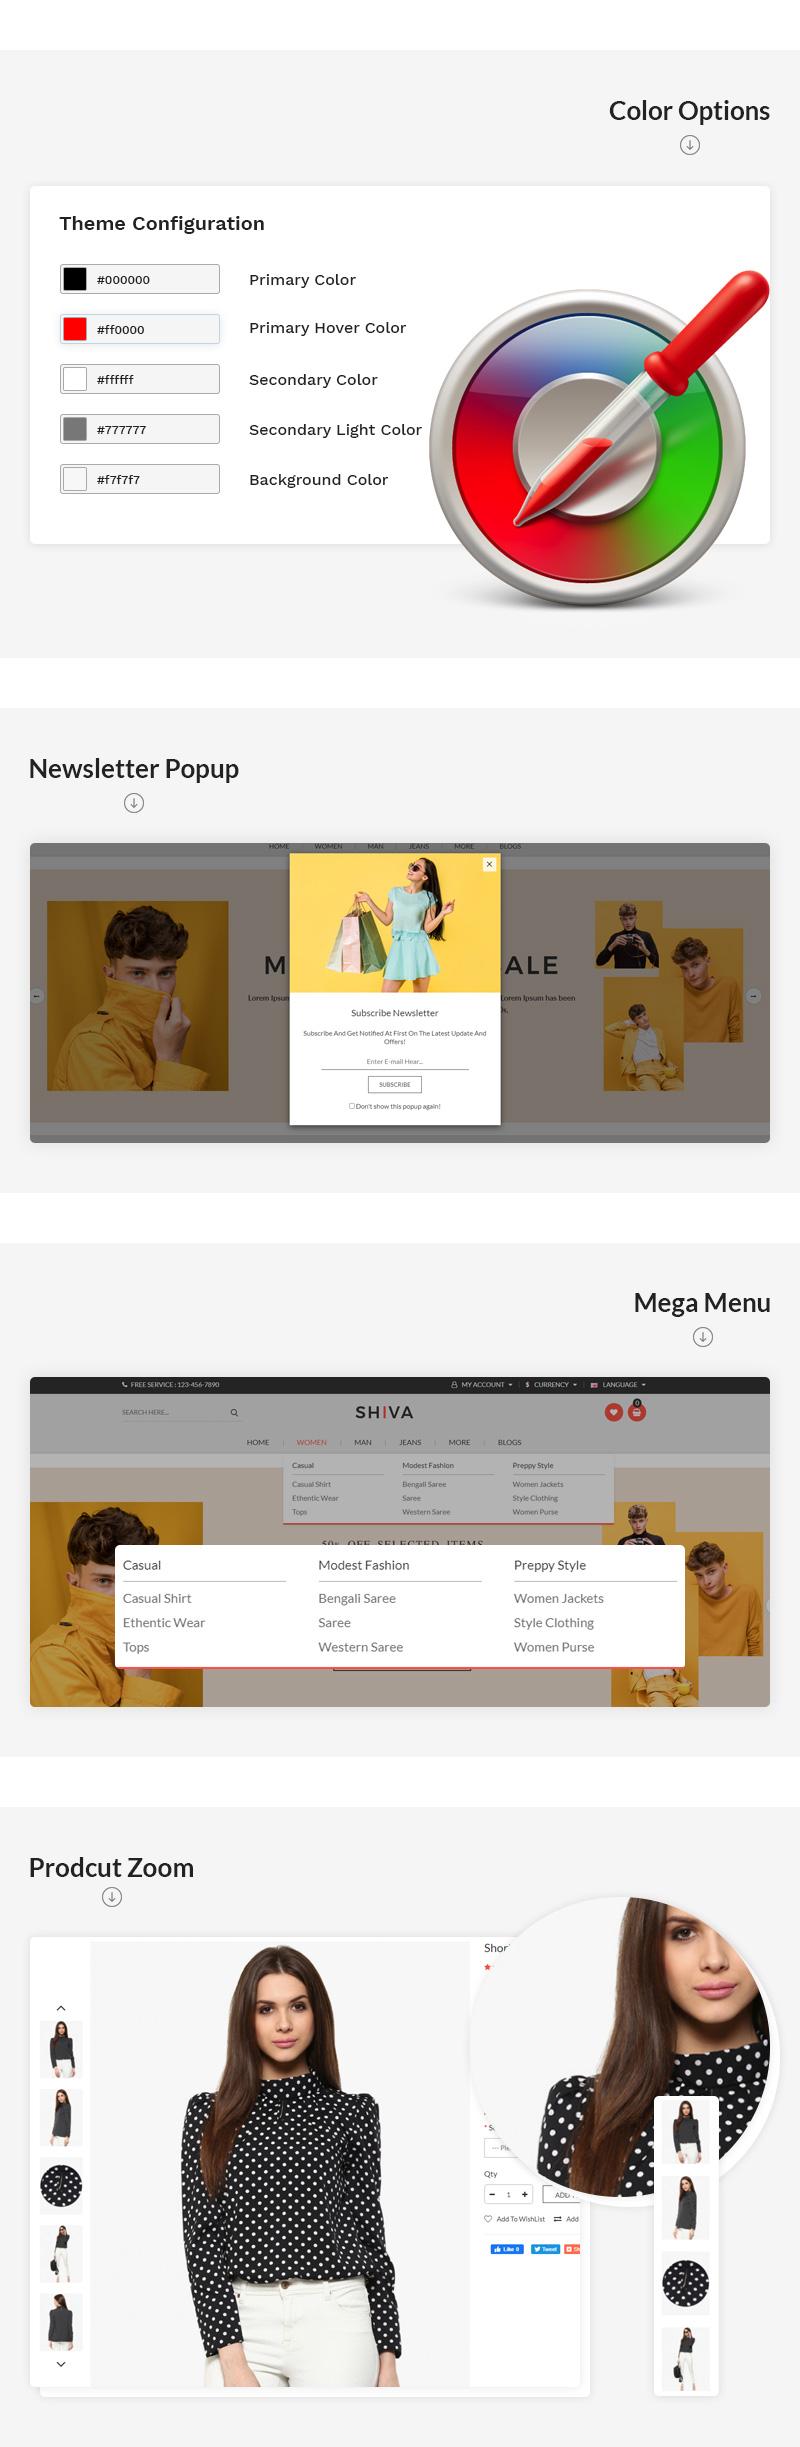 shiva-features-3.jpg